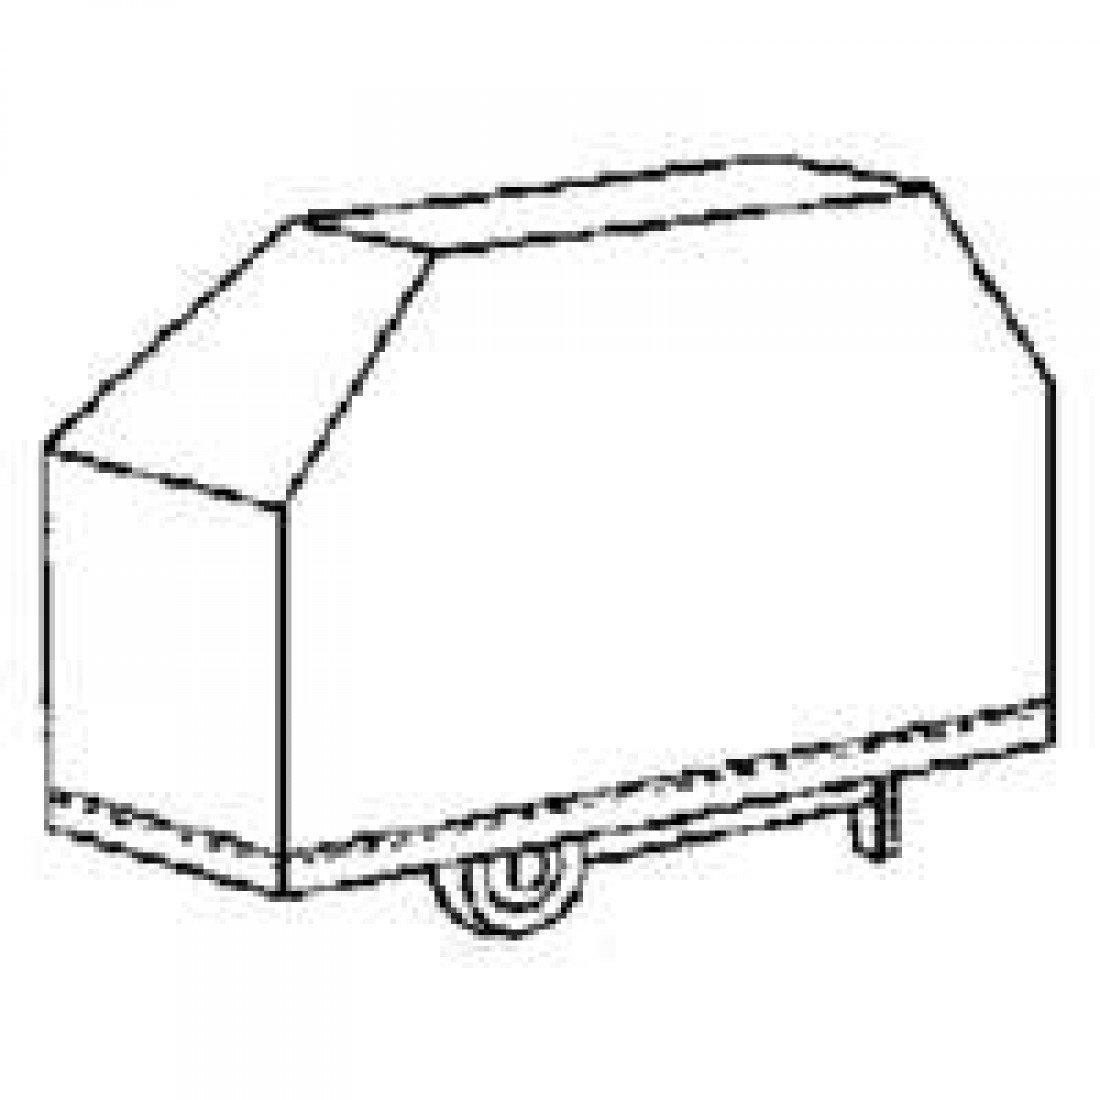 Toolbasix 68 x 22 x 37 schwarz Pvc-Abdeckhaube jetzt bestellen